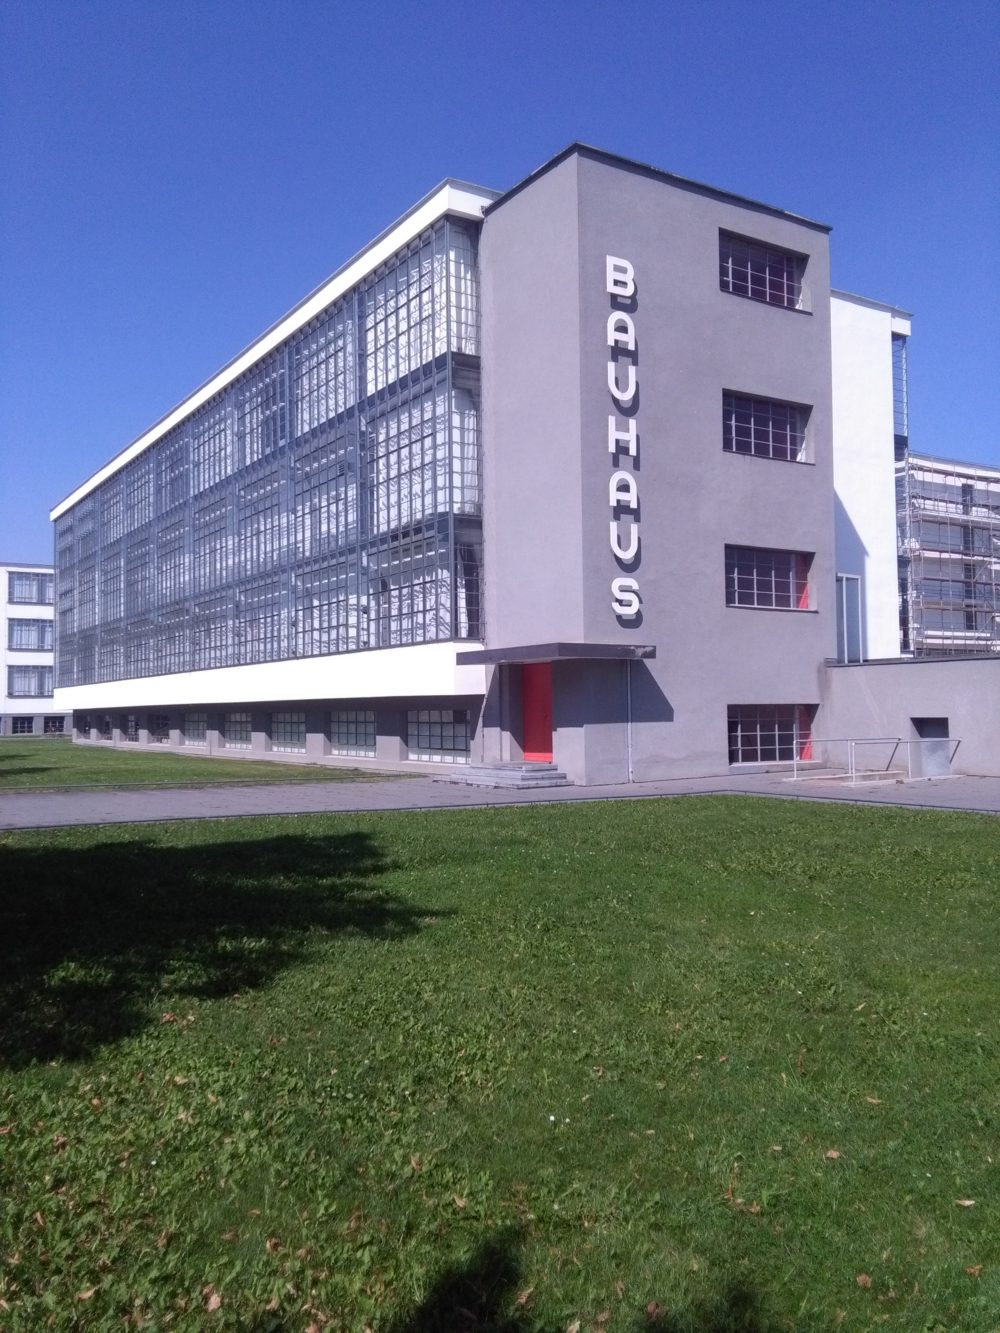 Das Bauhaus-Gebäude in Dessau Foto: Susanna Partsch